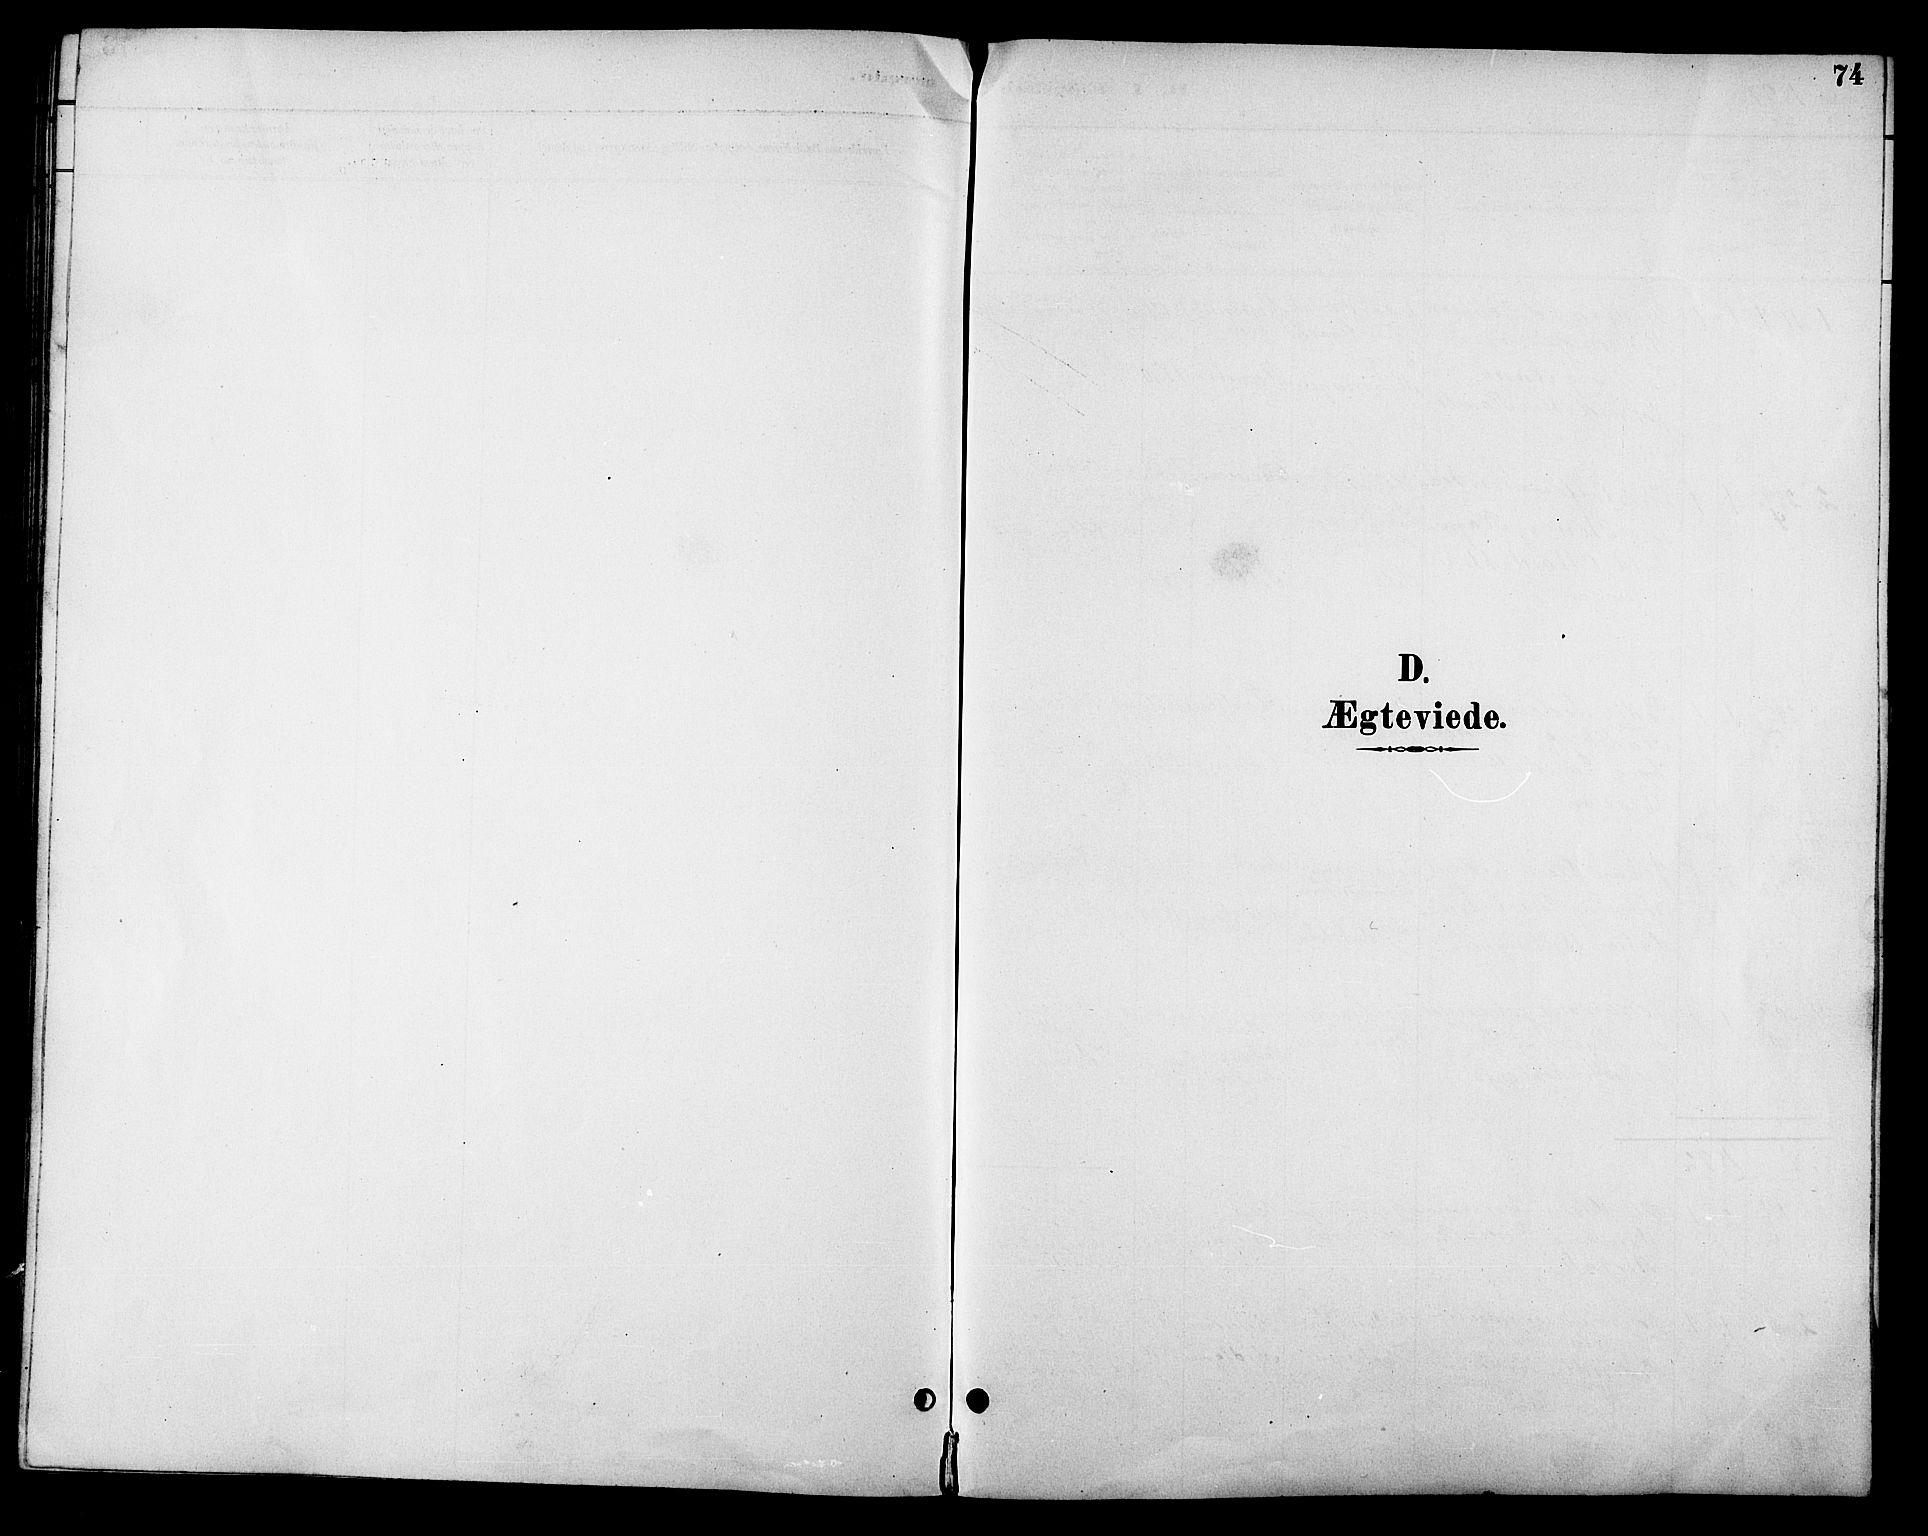 SAT, Ministerialprotokoller, klokkerbøker og fødselsregistre - Sør-Trøndelag, 685/L0978: Klokkerbok nr. 685C03, 1891-1907, s. 74